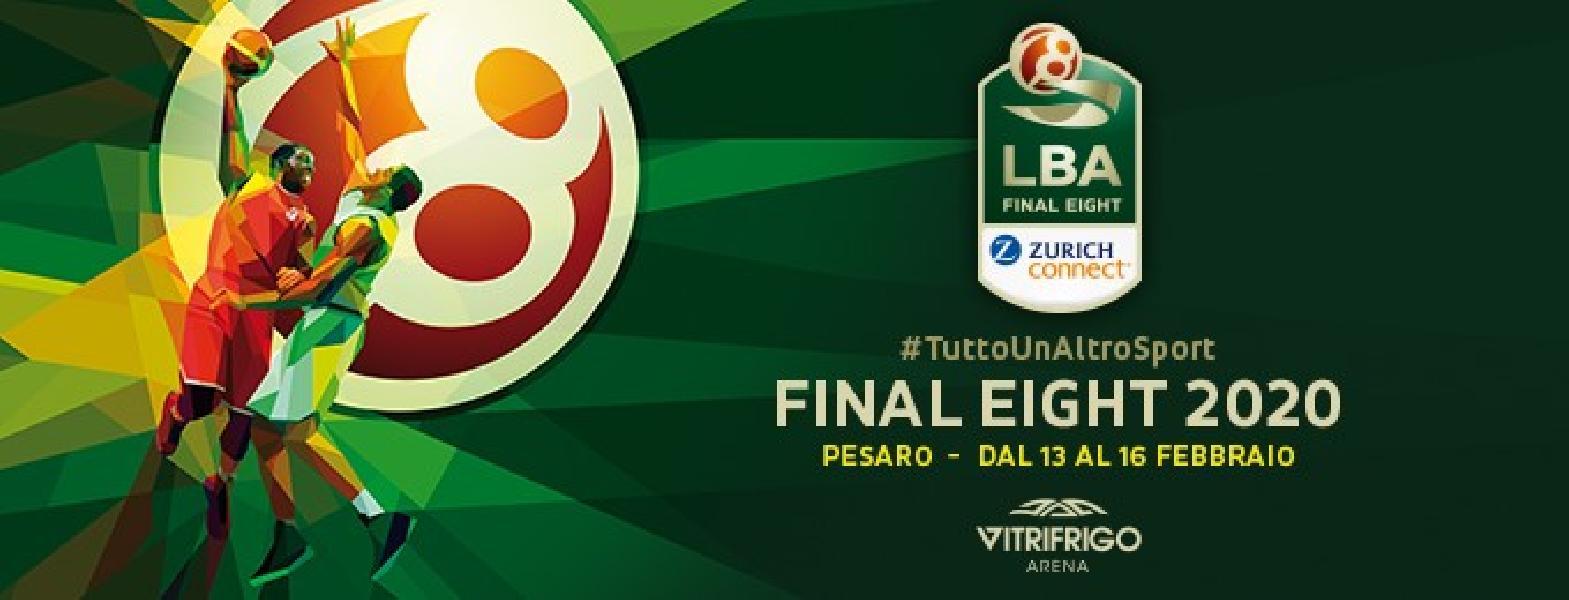 https://www.basketmarche.it/immagini_articoli/08-01-2020/presentata-pesaro-zurich-connect-final-eight-2020-gioca-vitrifrigo-arena-febbraio-600.jpg